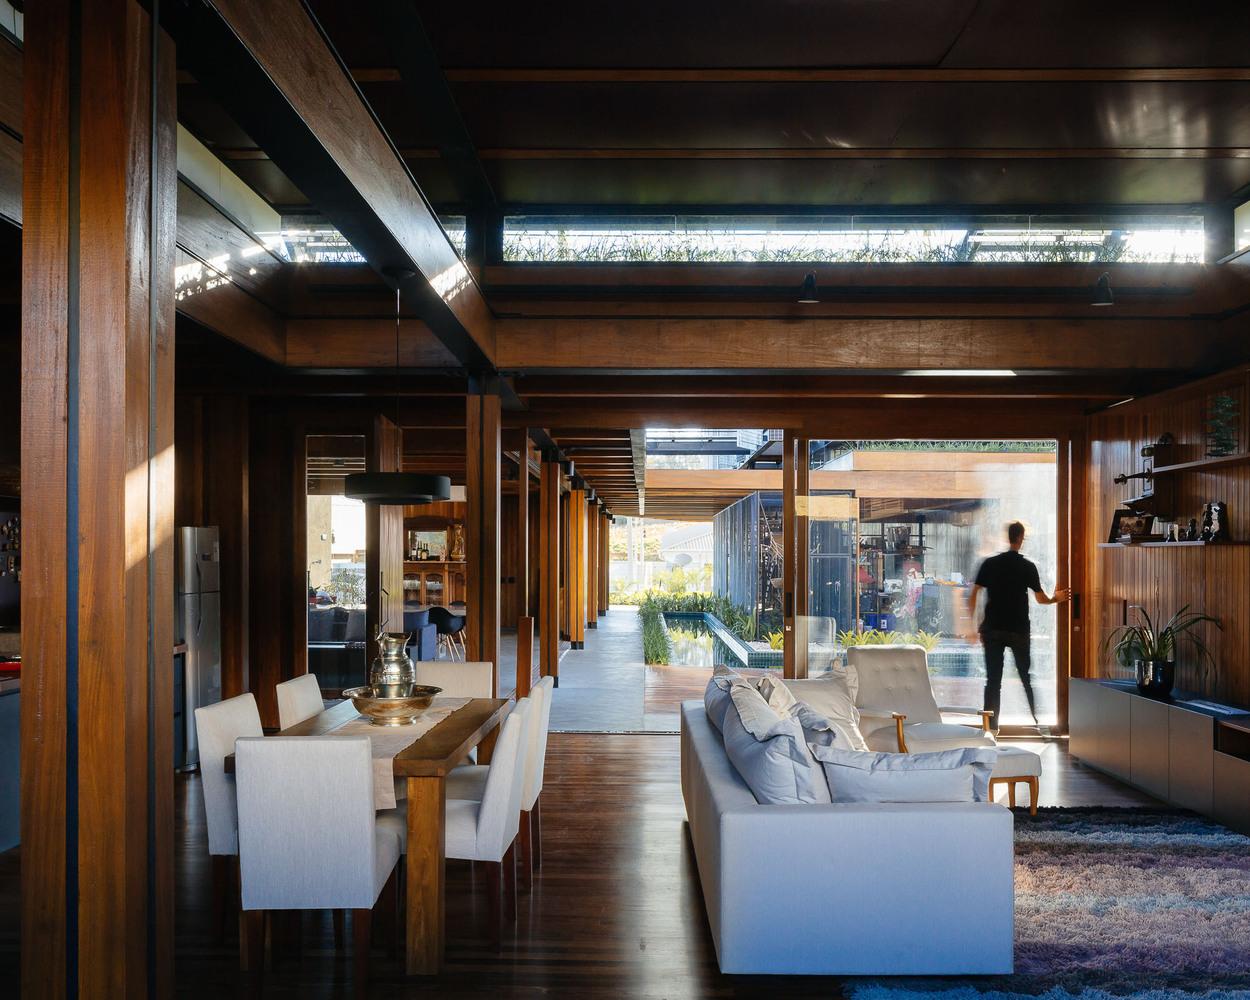 En la planta baja, un taller, una residencia de aproximadamente 100 m2 y áreas recreativas como piscina y espacios de vivienda